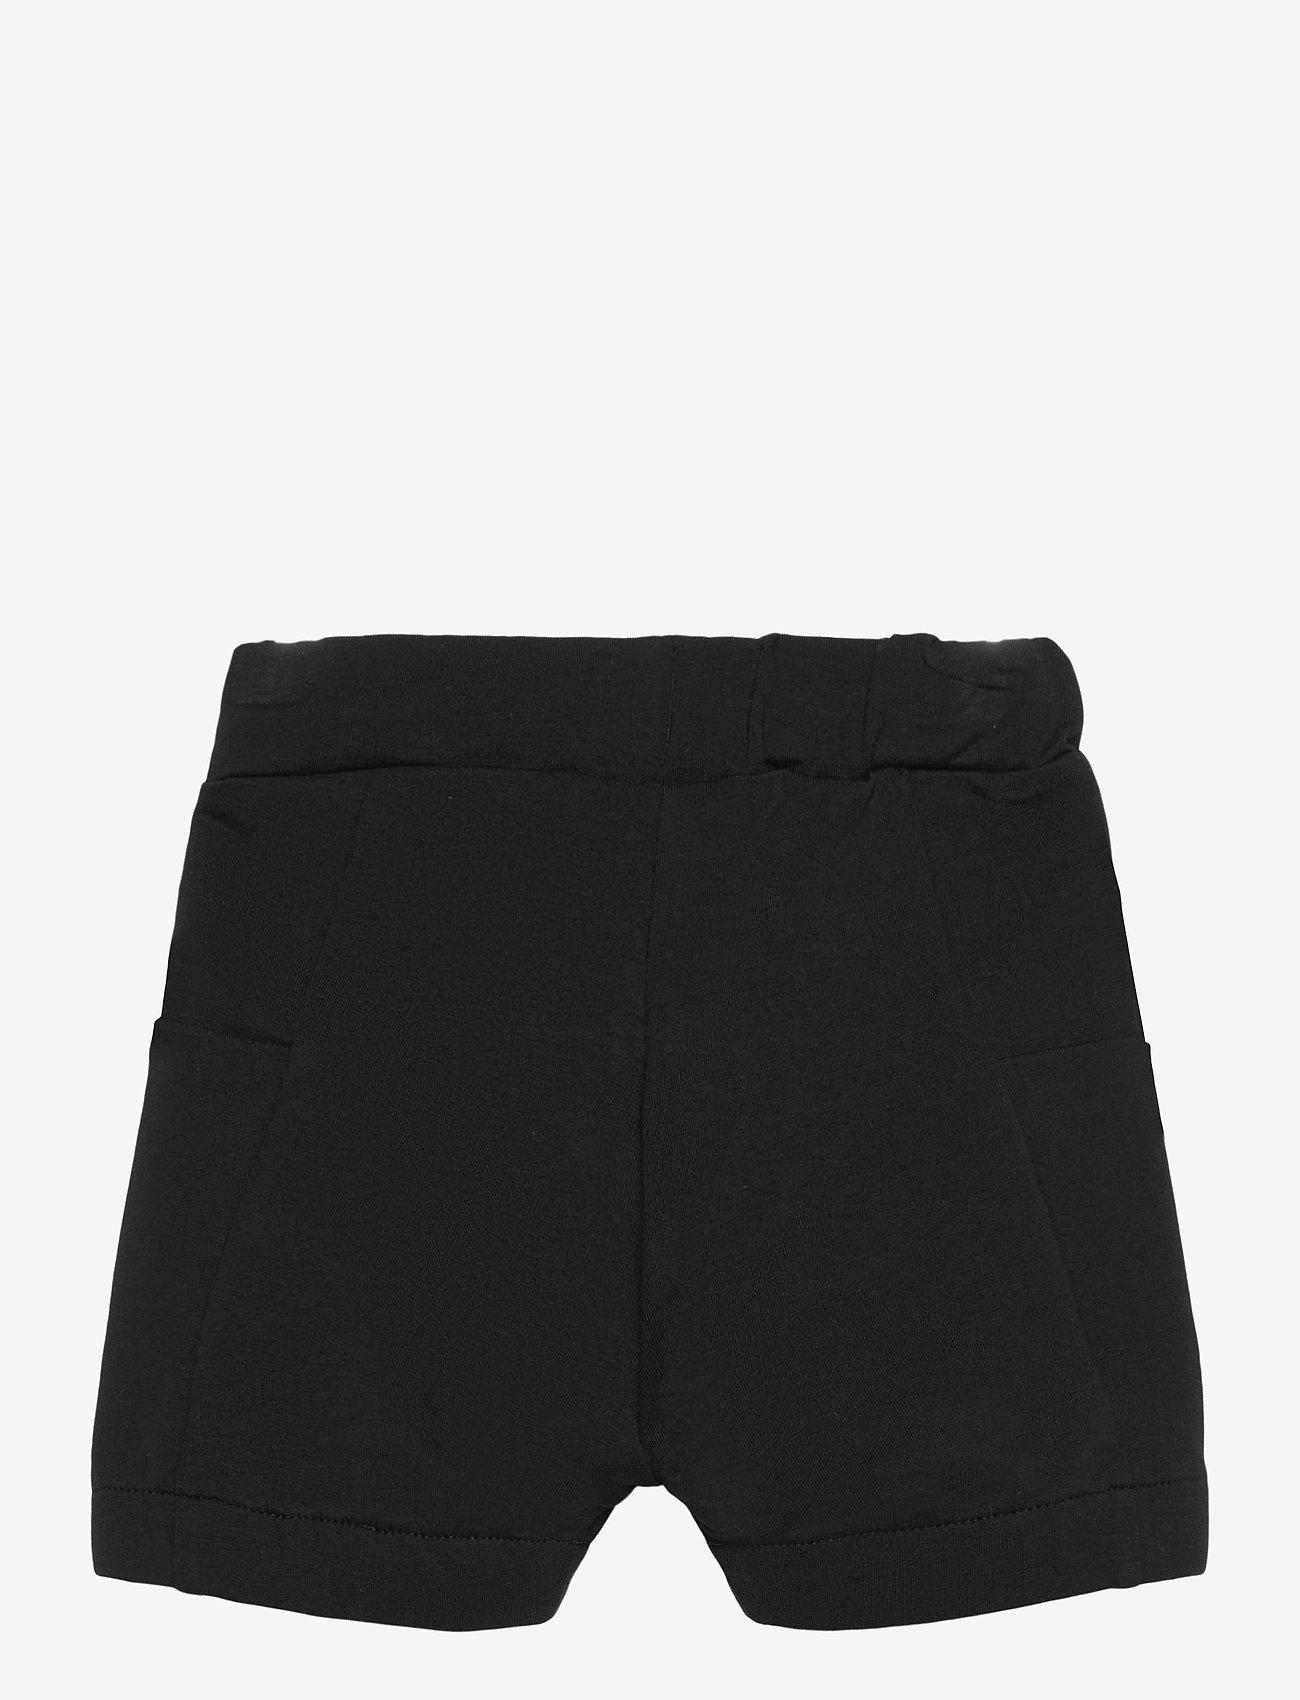 Papu - Tight pocket shorts - shorts - black - 1